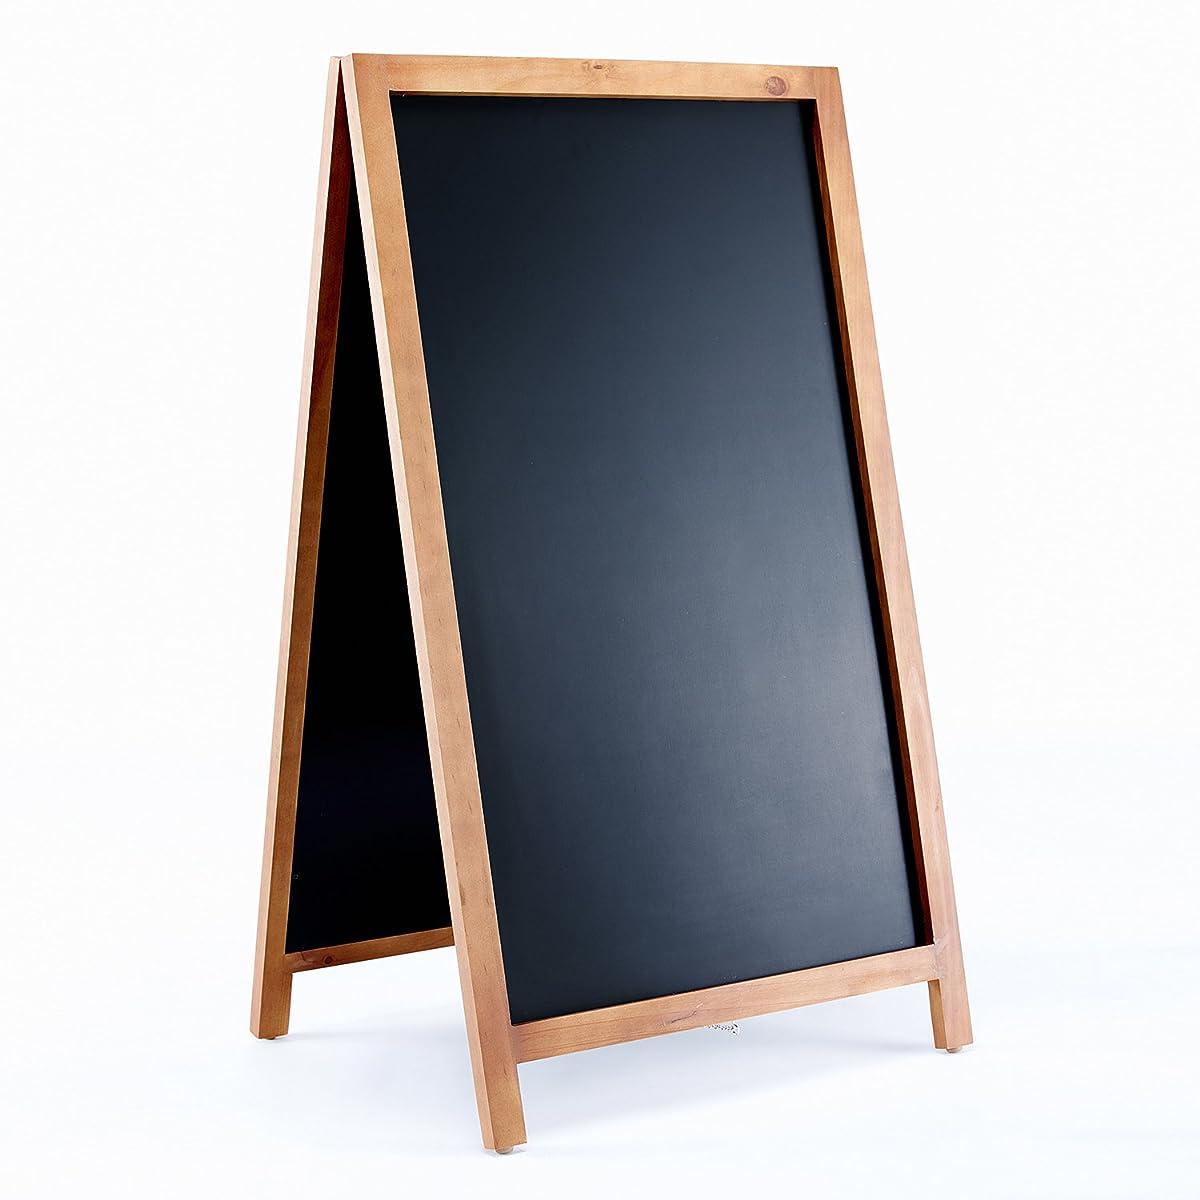 """Vintage Wooden Magnetic A Frame Chalkboard Sign for Sidewalk, Restaurant, Cafe, Bar - 42""""x24"""" by VersaChalk"""